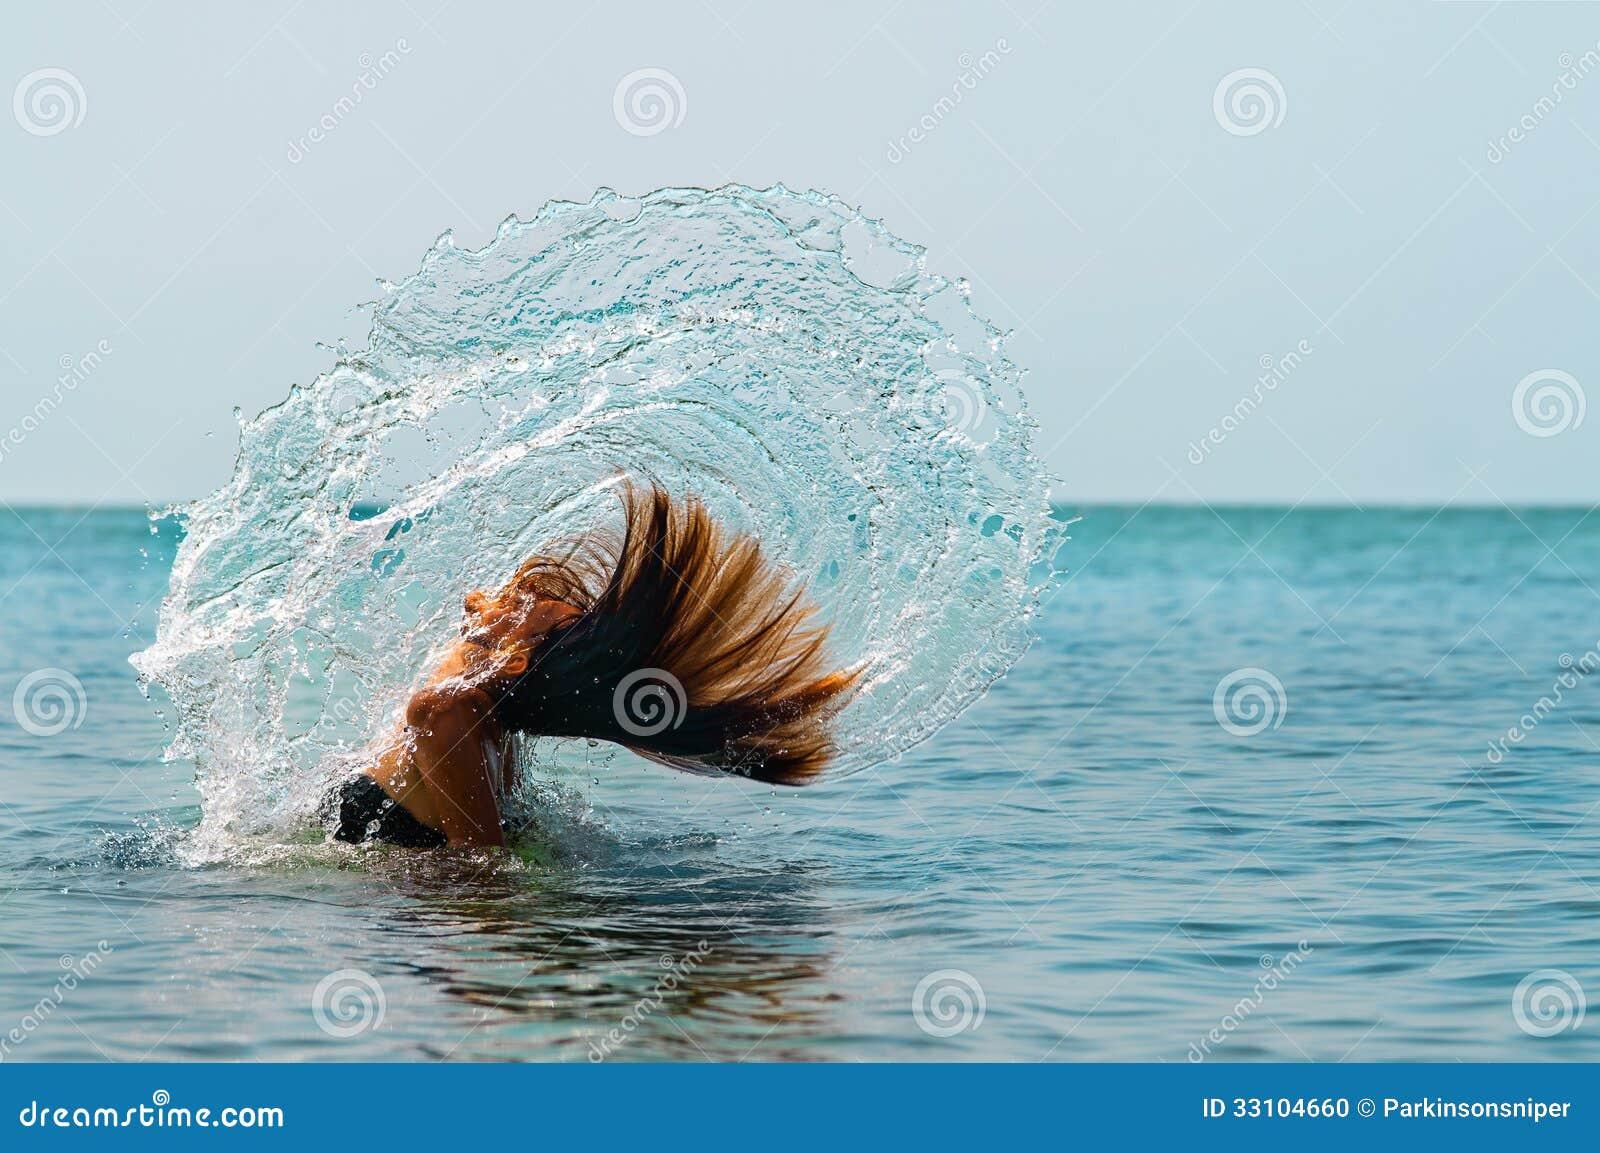 Ragazza che lancia capelli in acqua